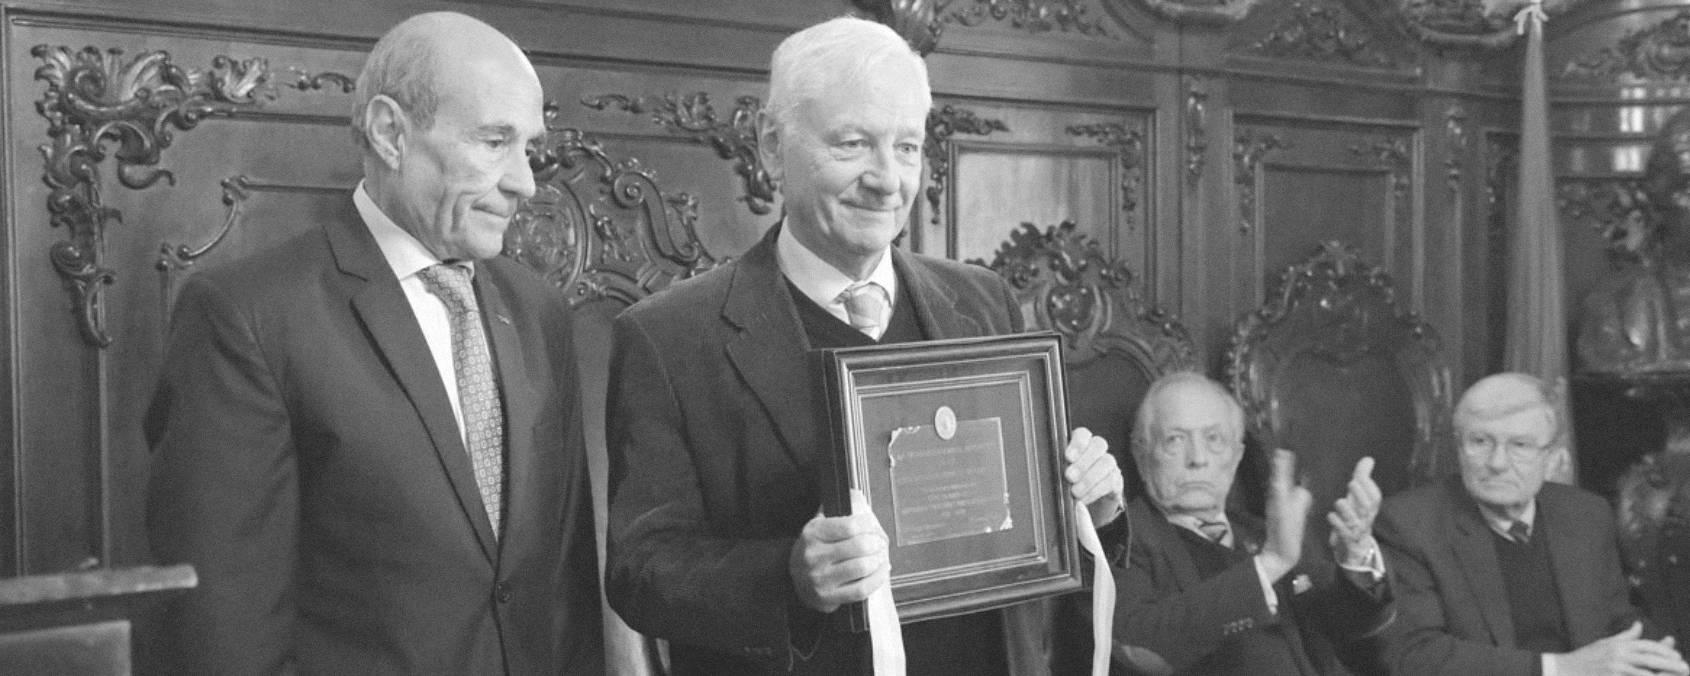 Homenaje de la Academia Nacional de Ciencias a la UNC por el centenario de la Reforma Universitaria